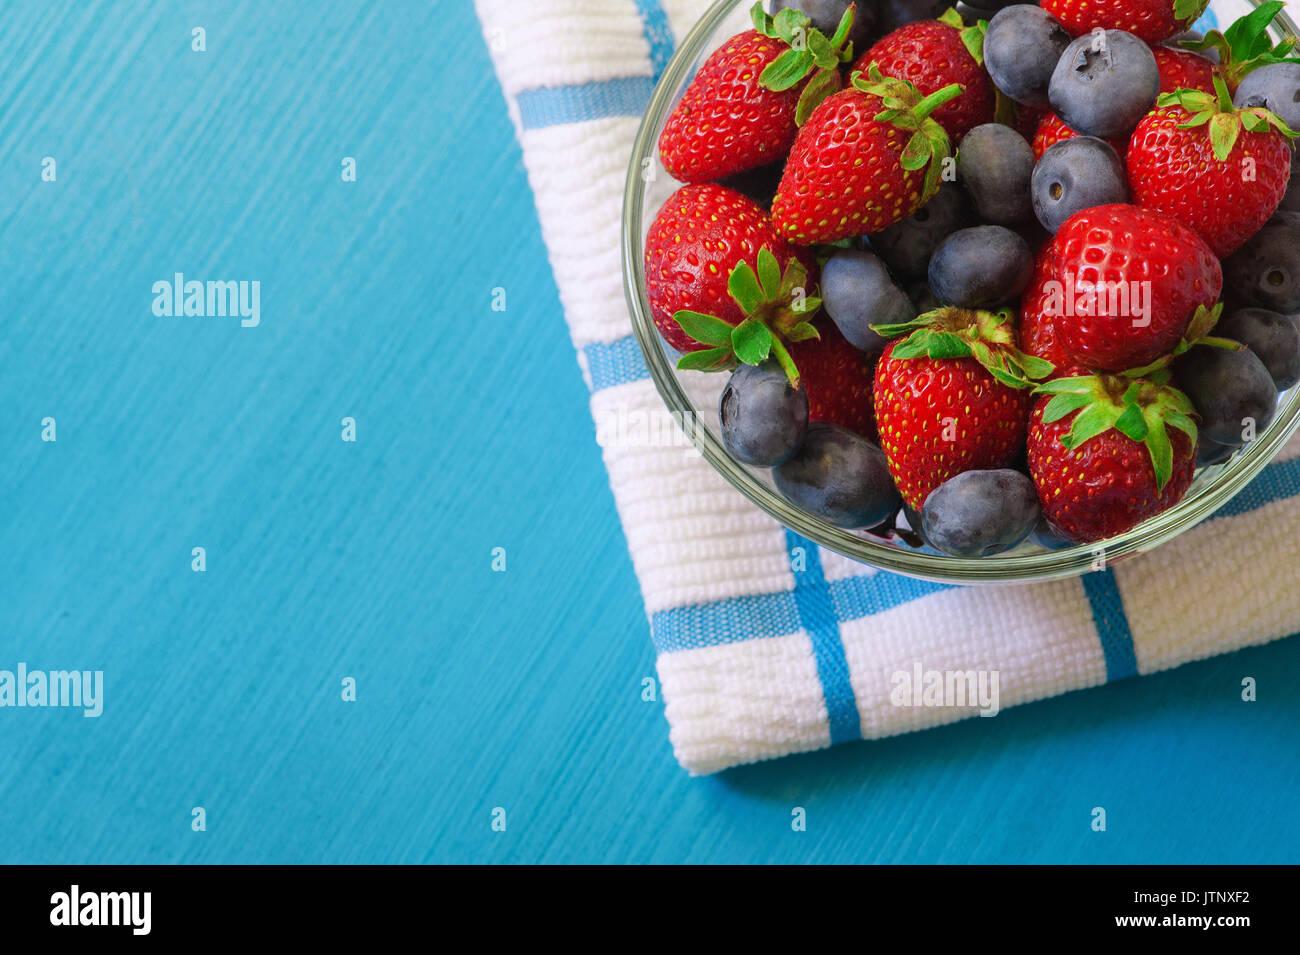 Bol en verre avec assortiment de petits fruits bleuets, fraises et des mûres au textile blanc plus de serviette de table en bois bleu. La lumière naturelle du jour. Top v Photo Stock